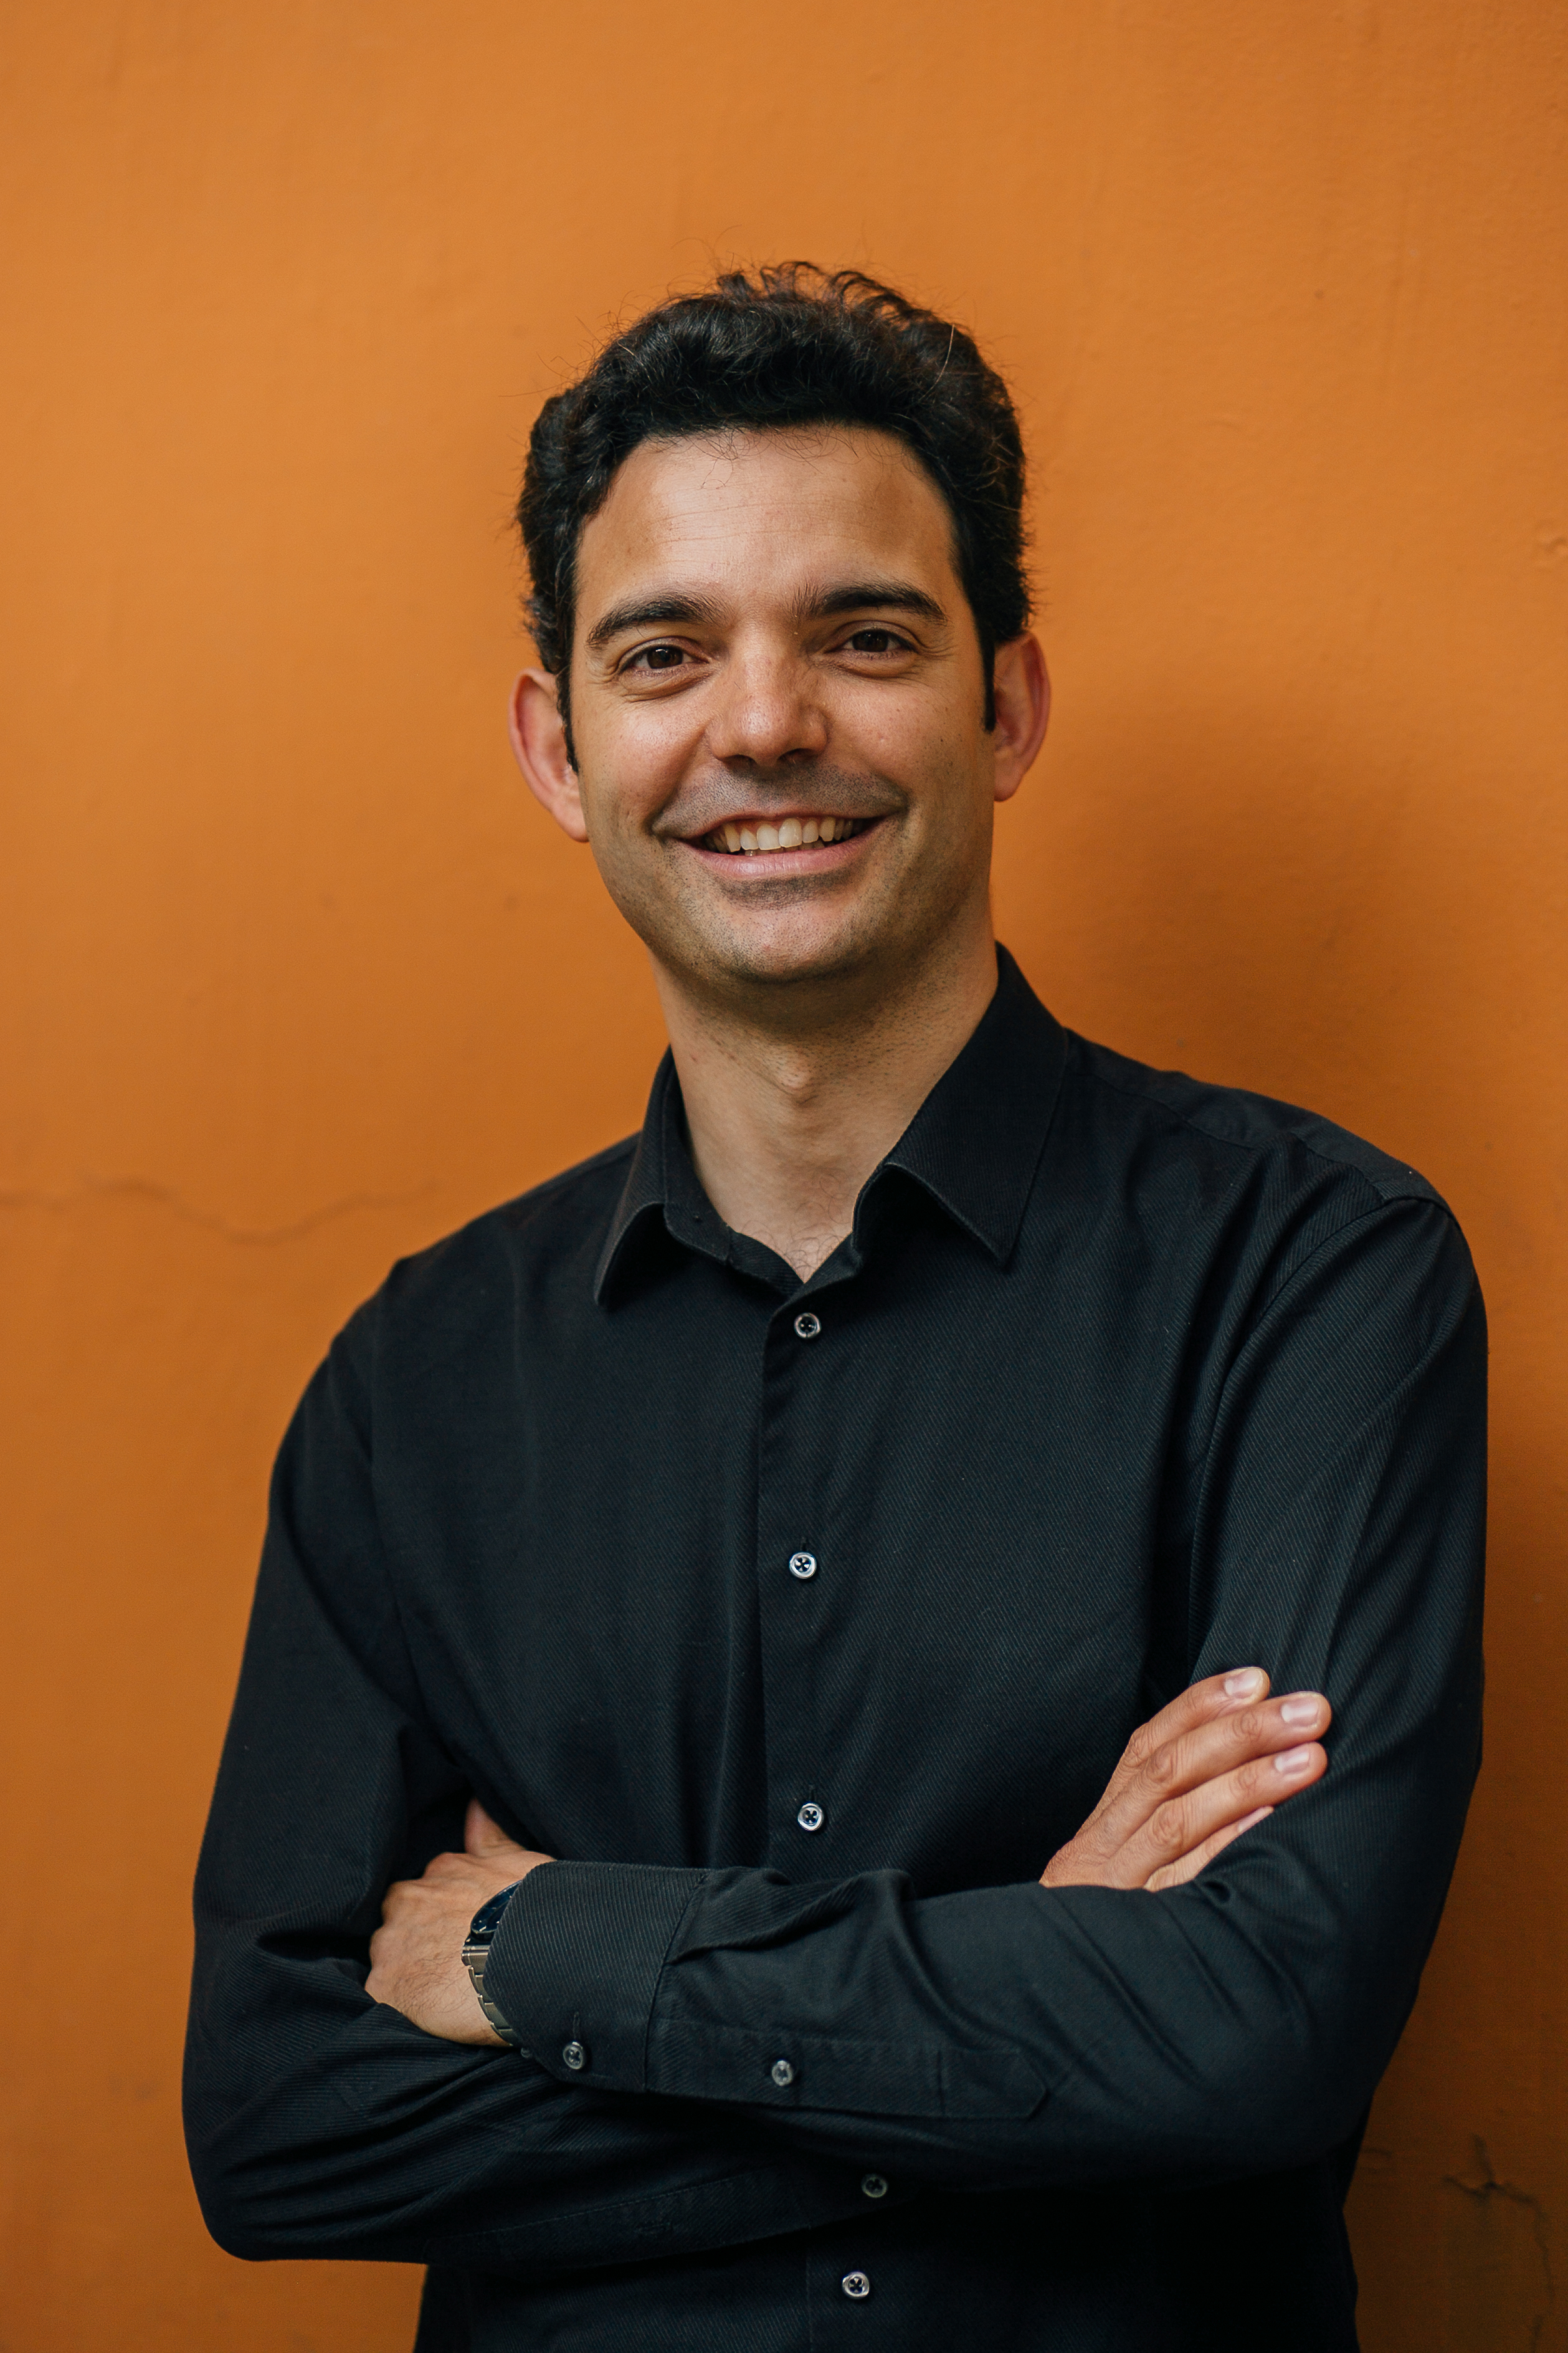 Álex Salgueiro, fagotista